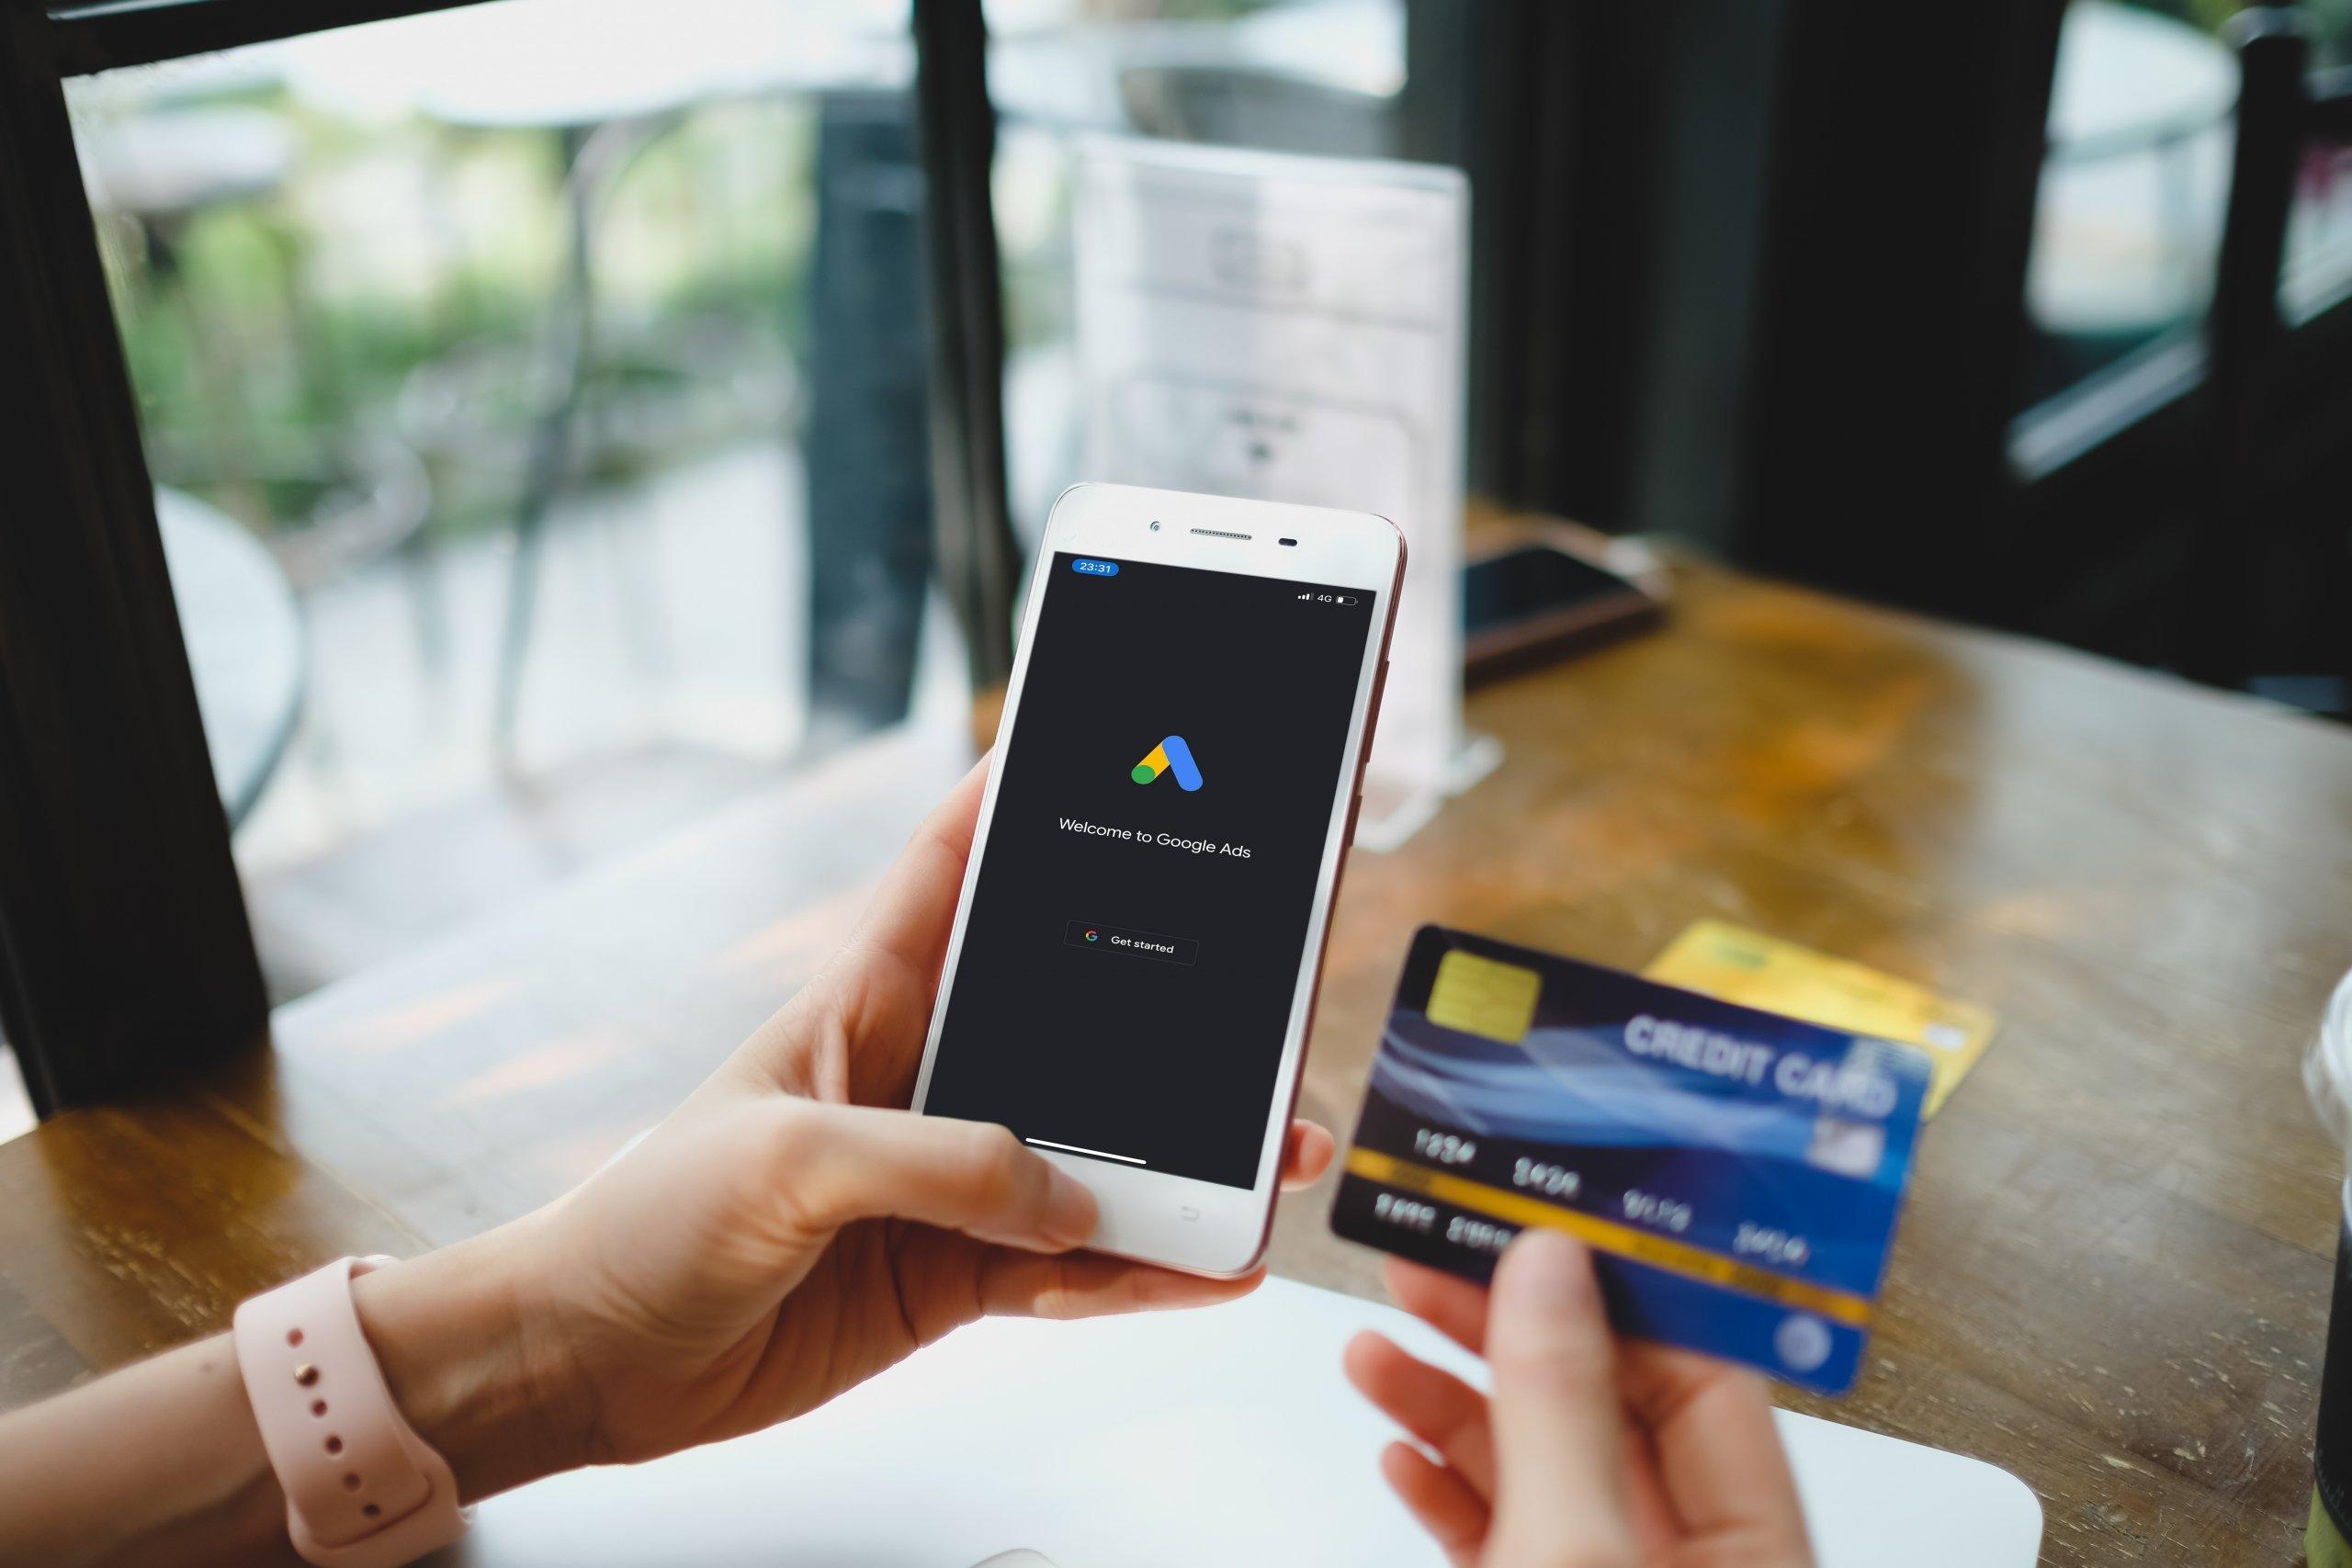 Mujer con tarjeta de crédito y google ads abierto en el teléfono móvil